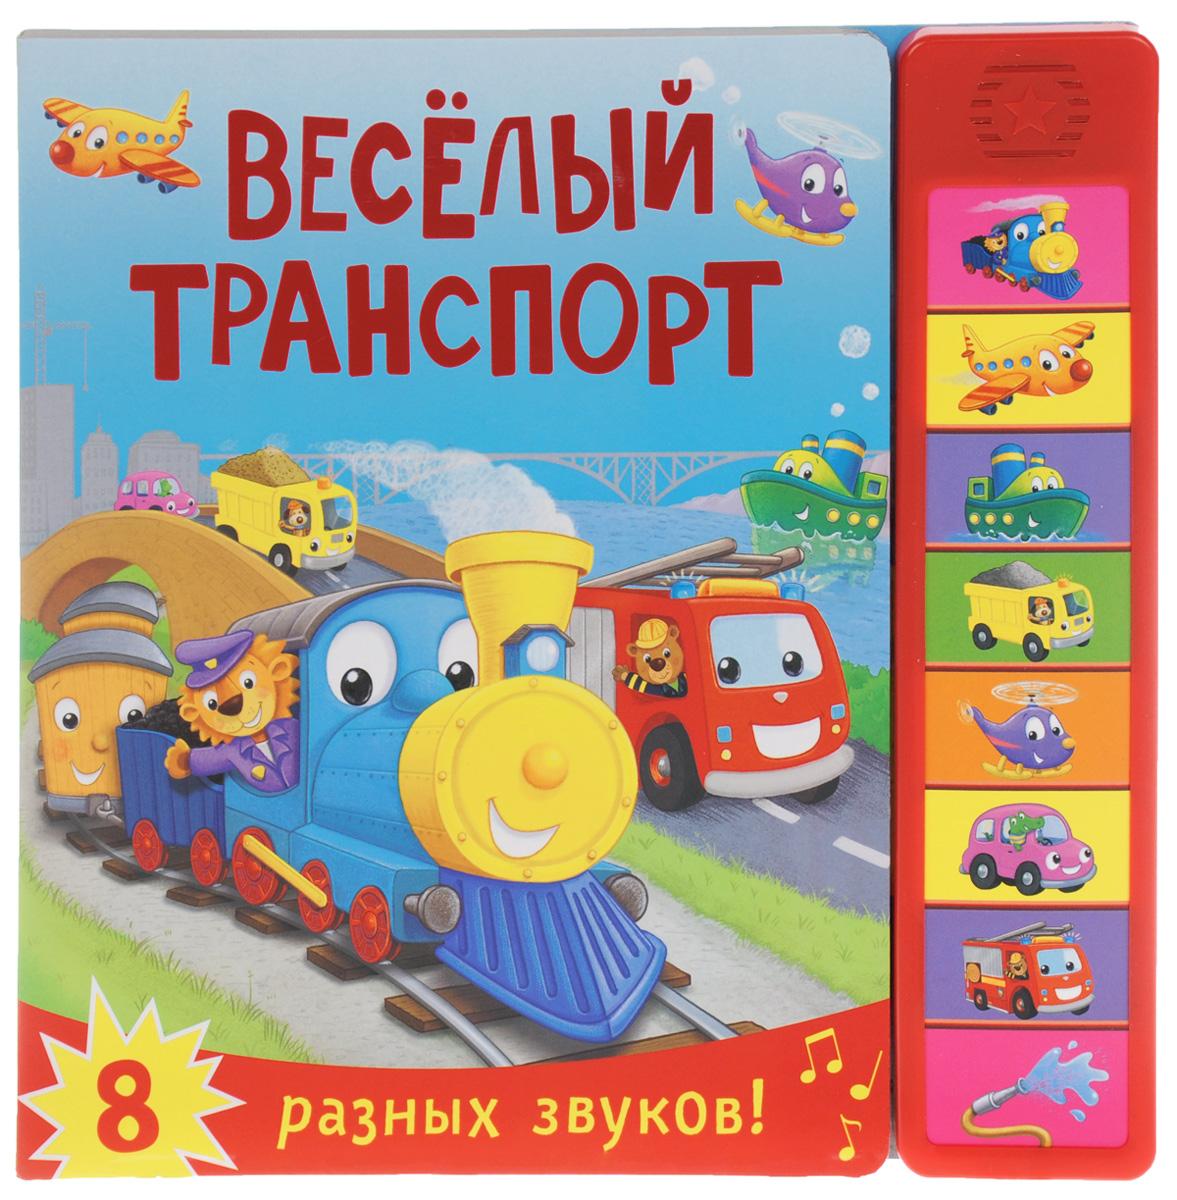 М. Романова Веселый транспорт. Книжка игрушка книжка с вырубкой веселый самолетик